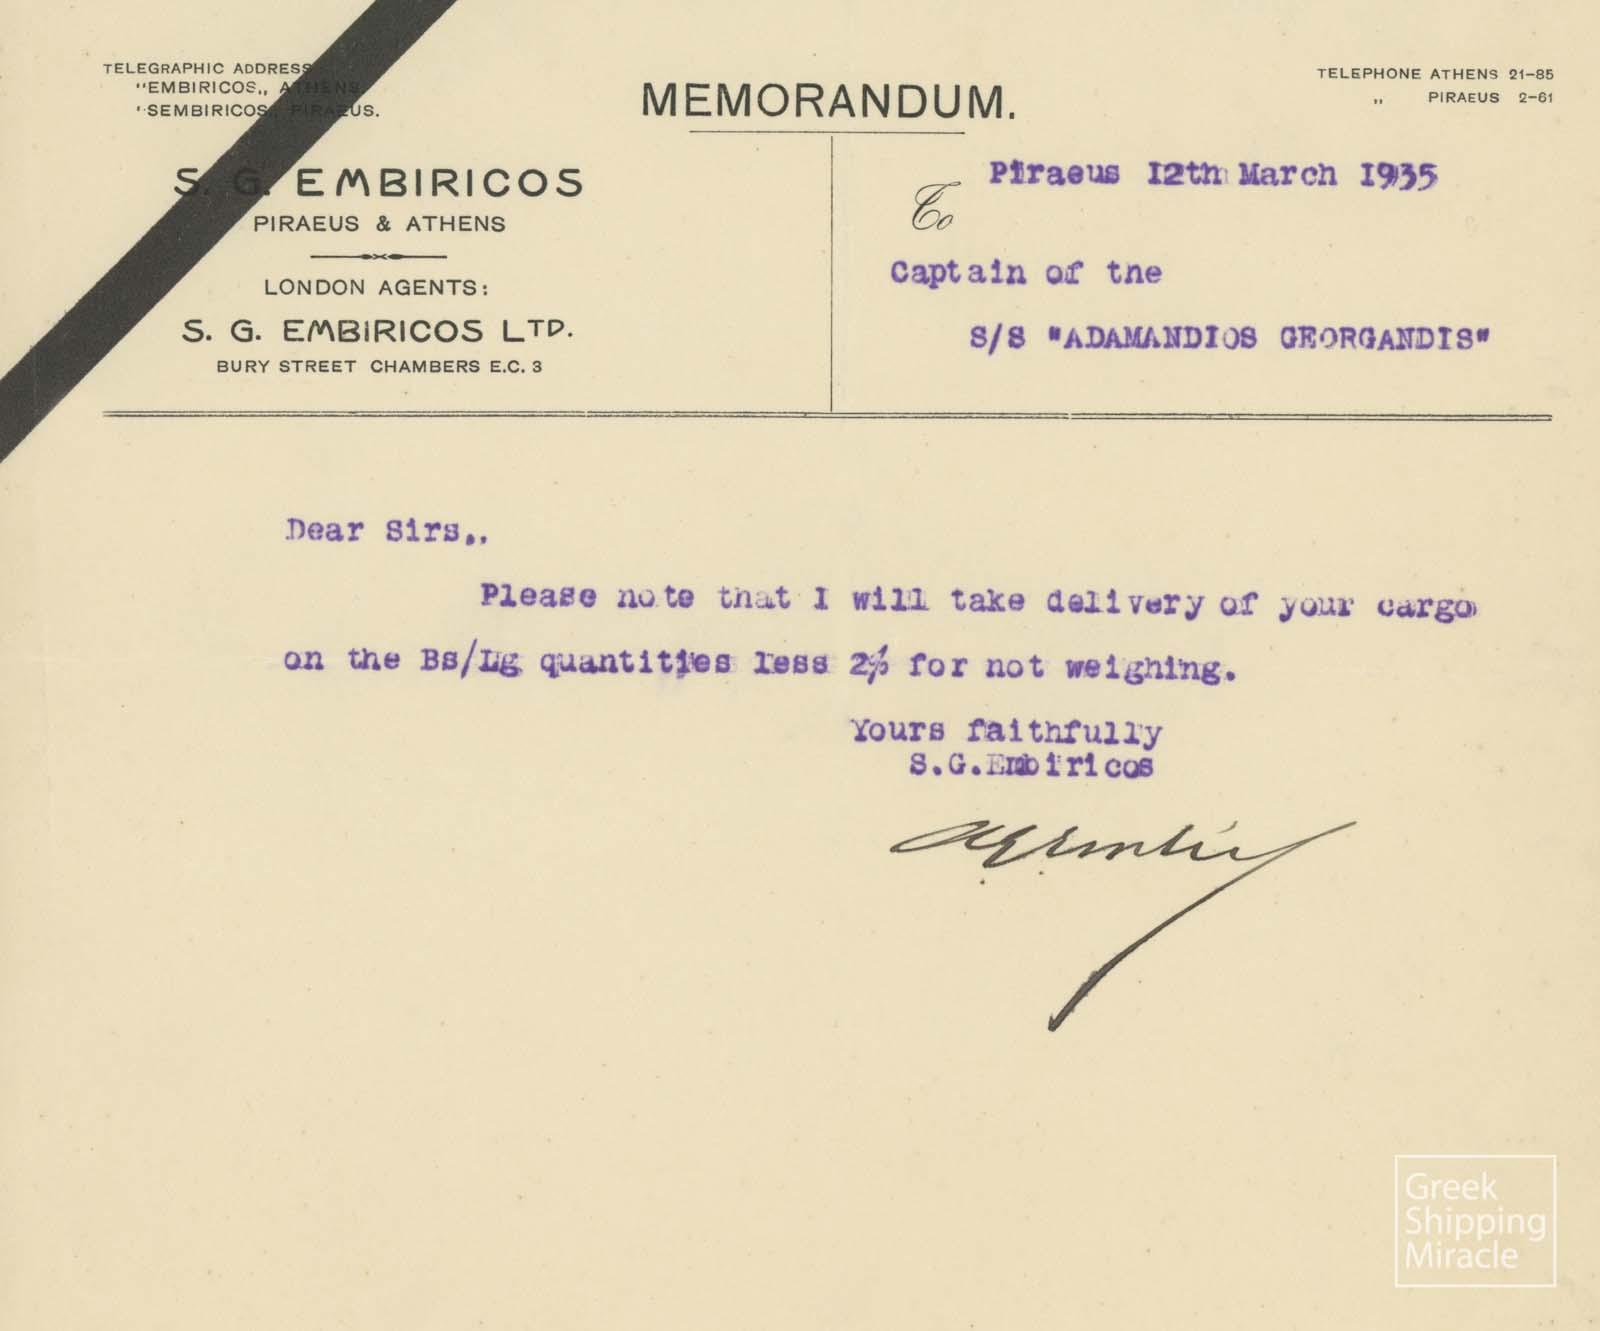 8_MEMORANDUM_1935_S_G_EMBIRICOS